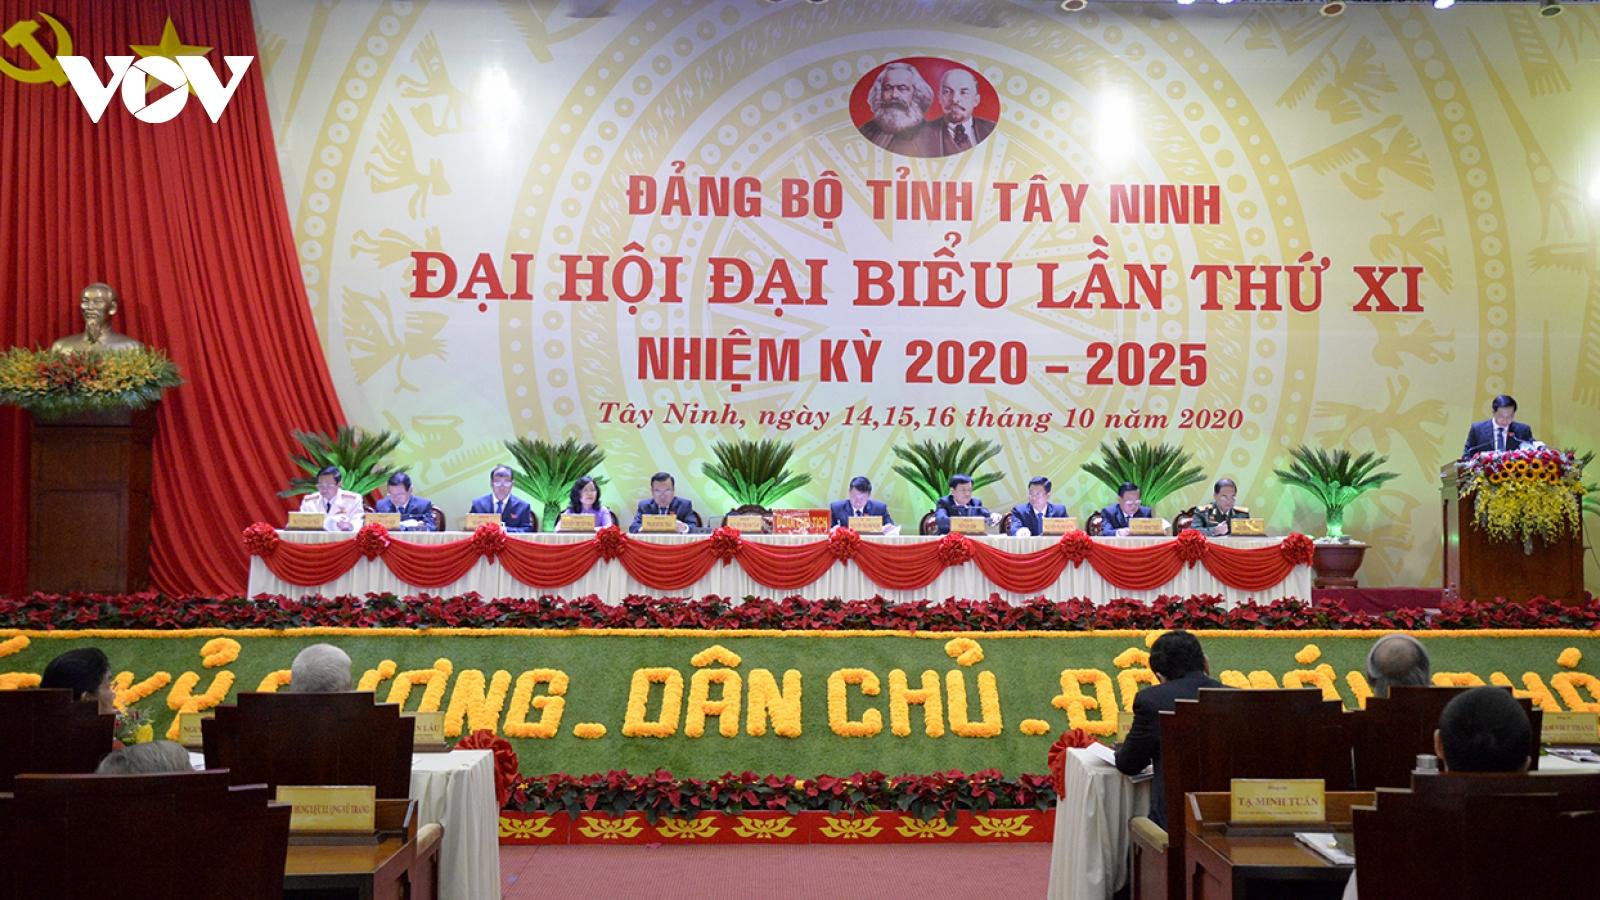 Ông Trần Thanh Mẫn dự khai mạc Đại hội Đảng bộ tỉnh Tây Ninh